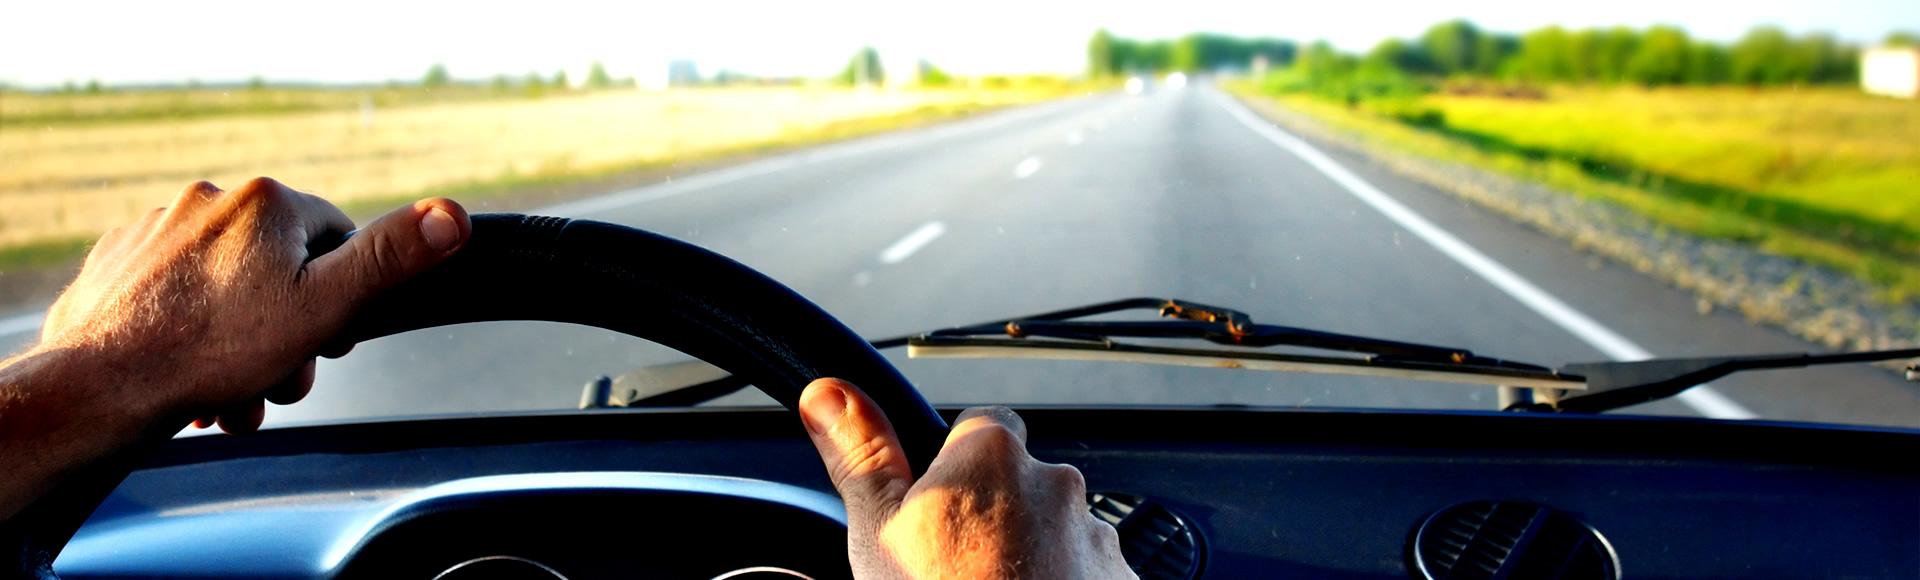 Fotografia di un automobilista che guida